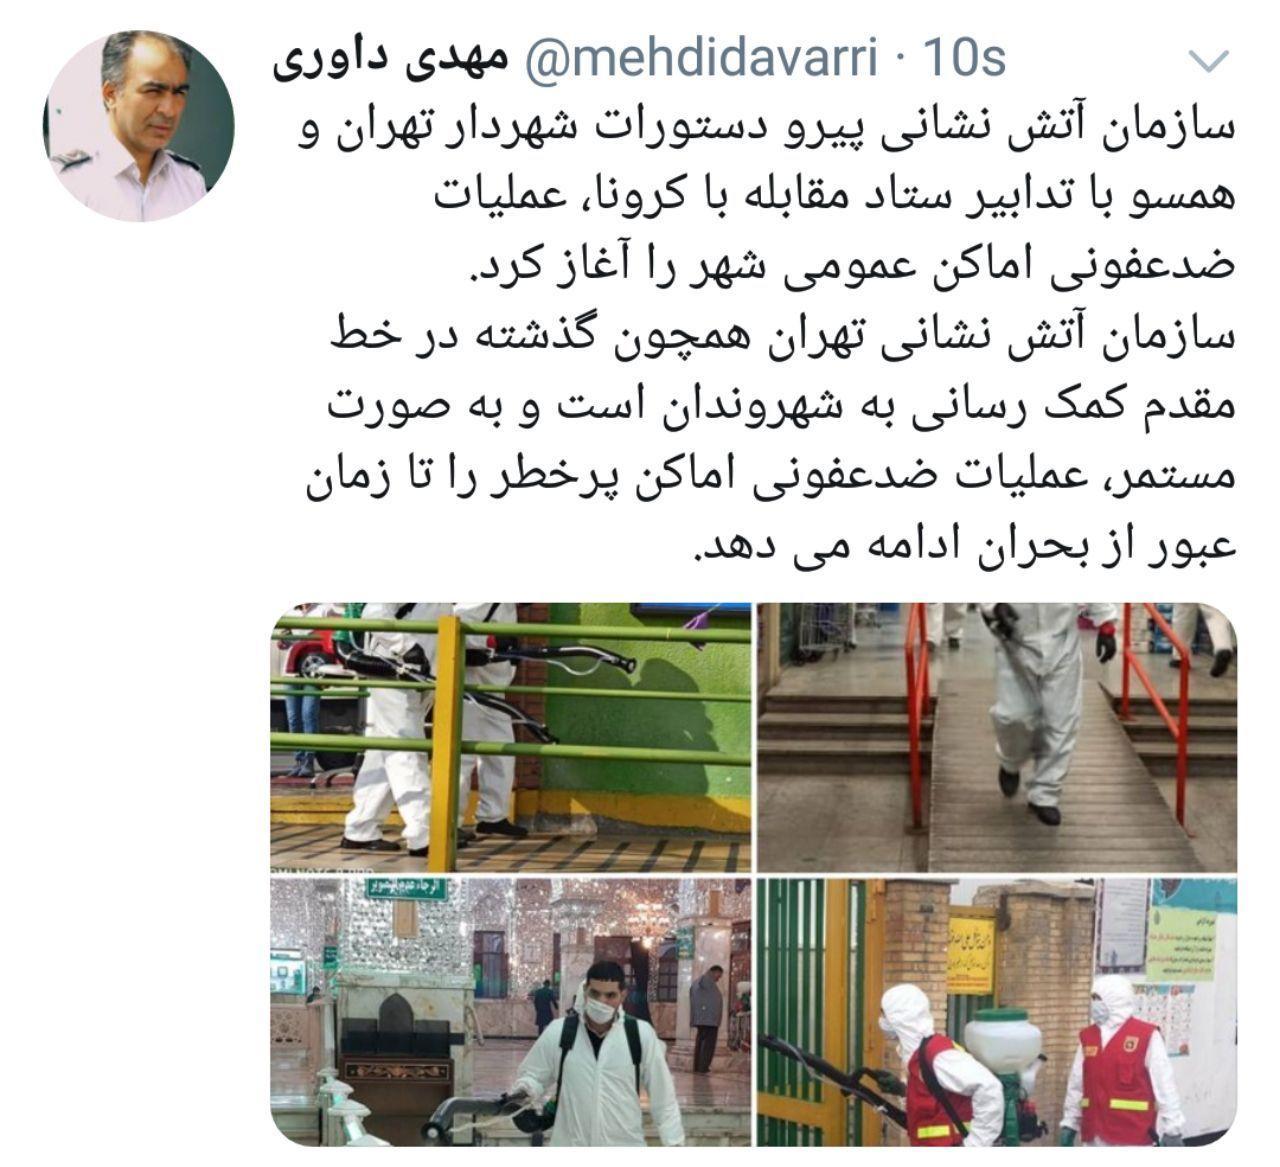 آغاز عملیات ضدعفونی اماکن عمومی و پرخطر تهران